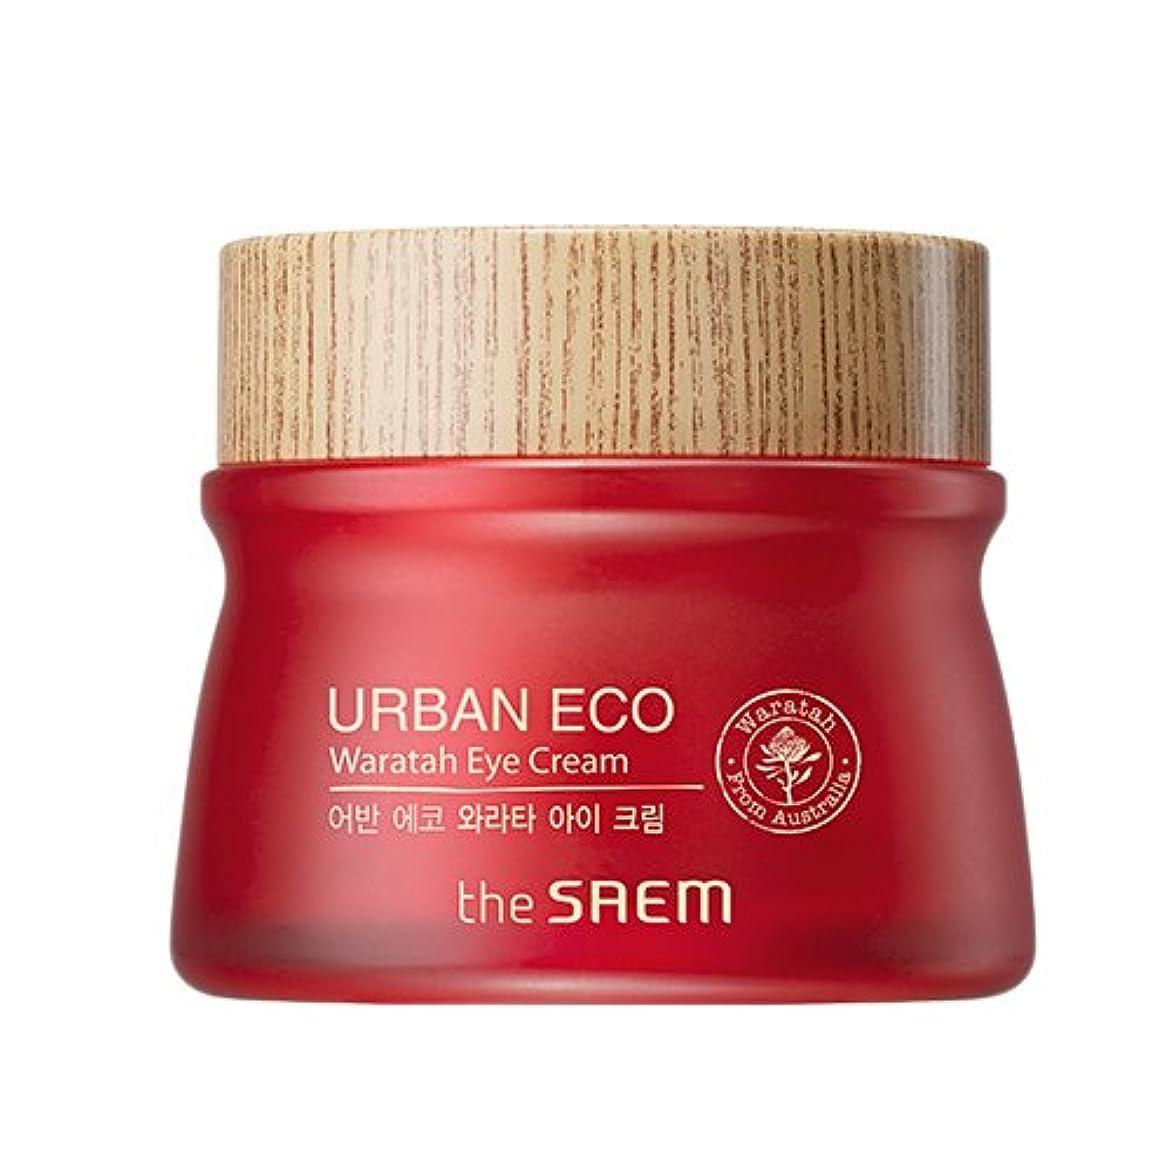 木おとこマーキードセム アーバンエコワラターアイクリーム 30ml Urban Eco Waratah Eye Cream [並行輸入品]